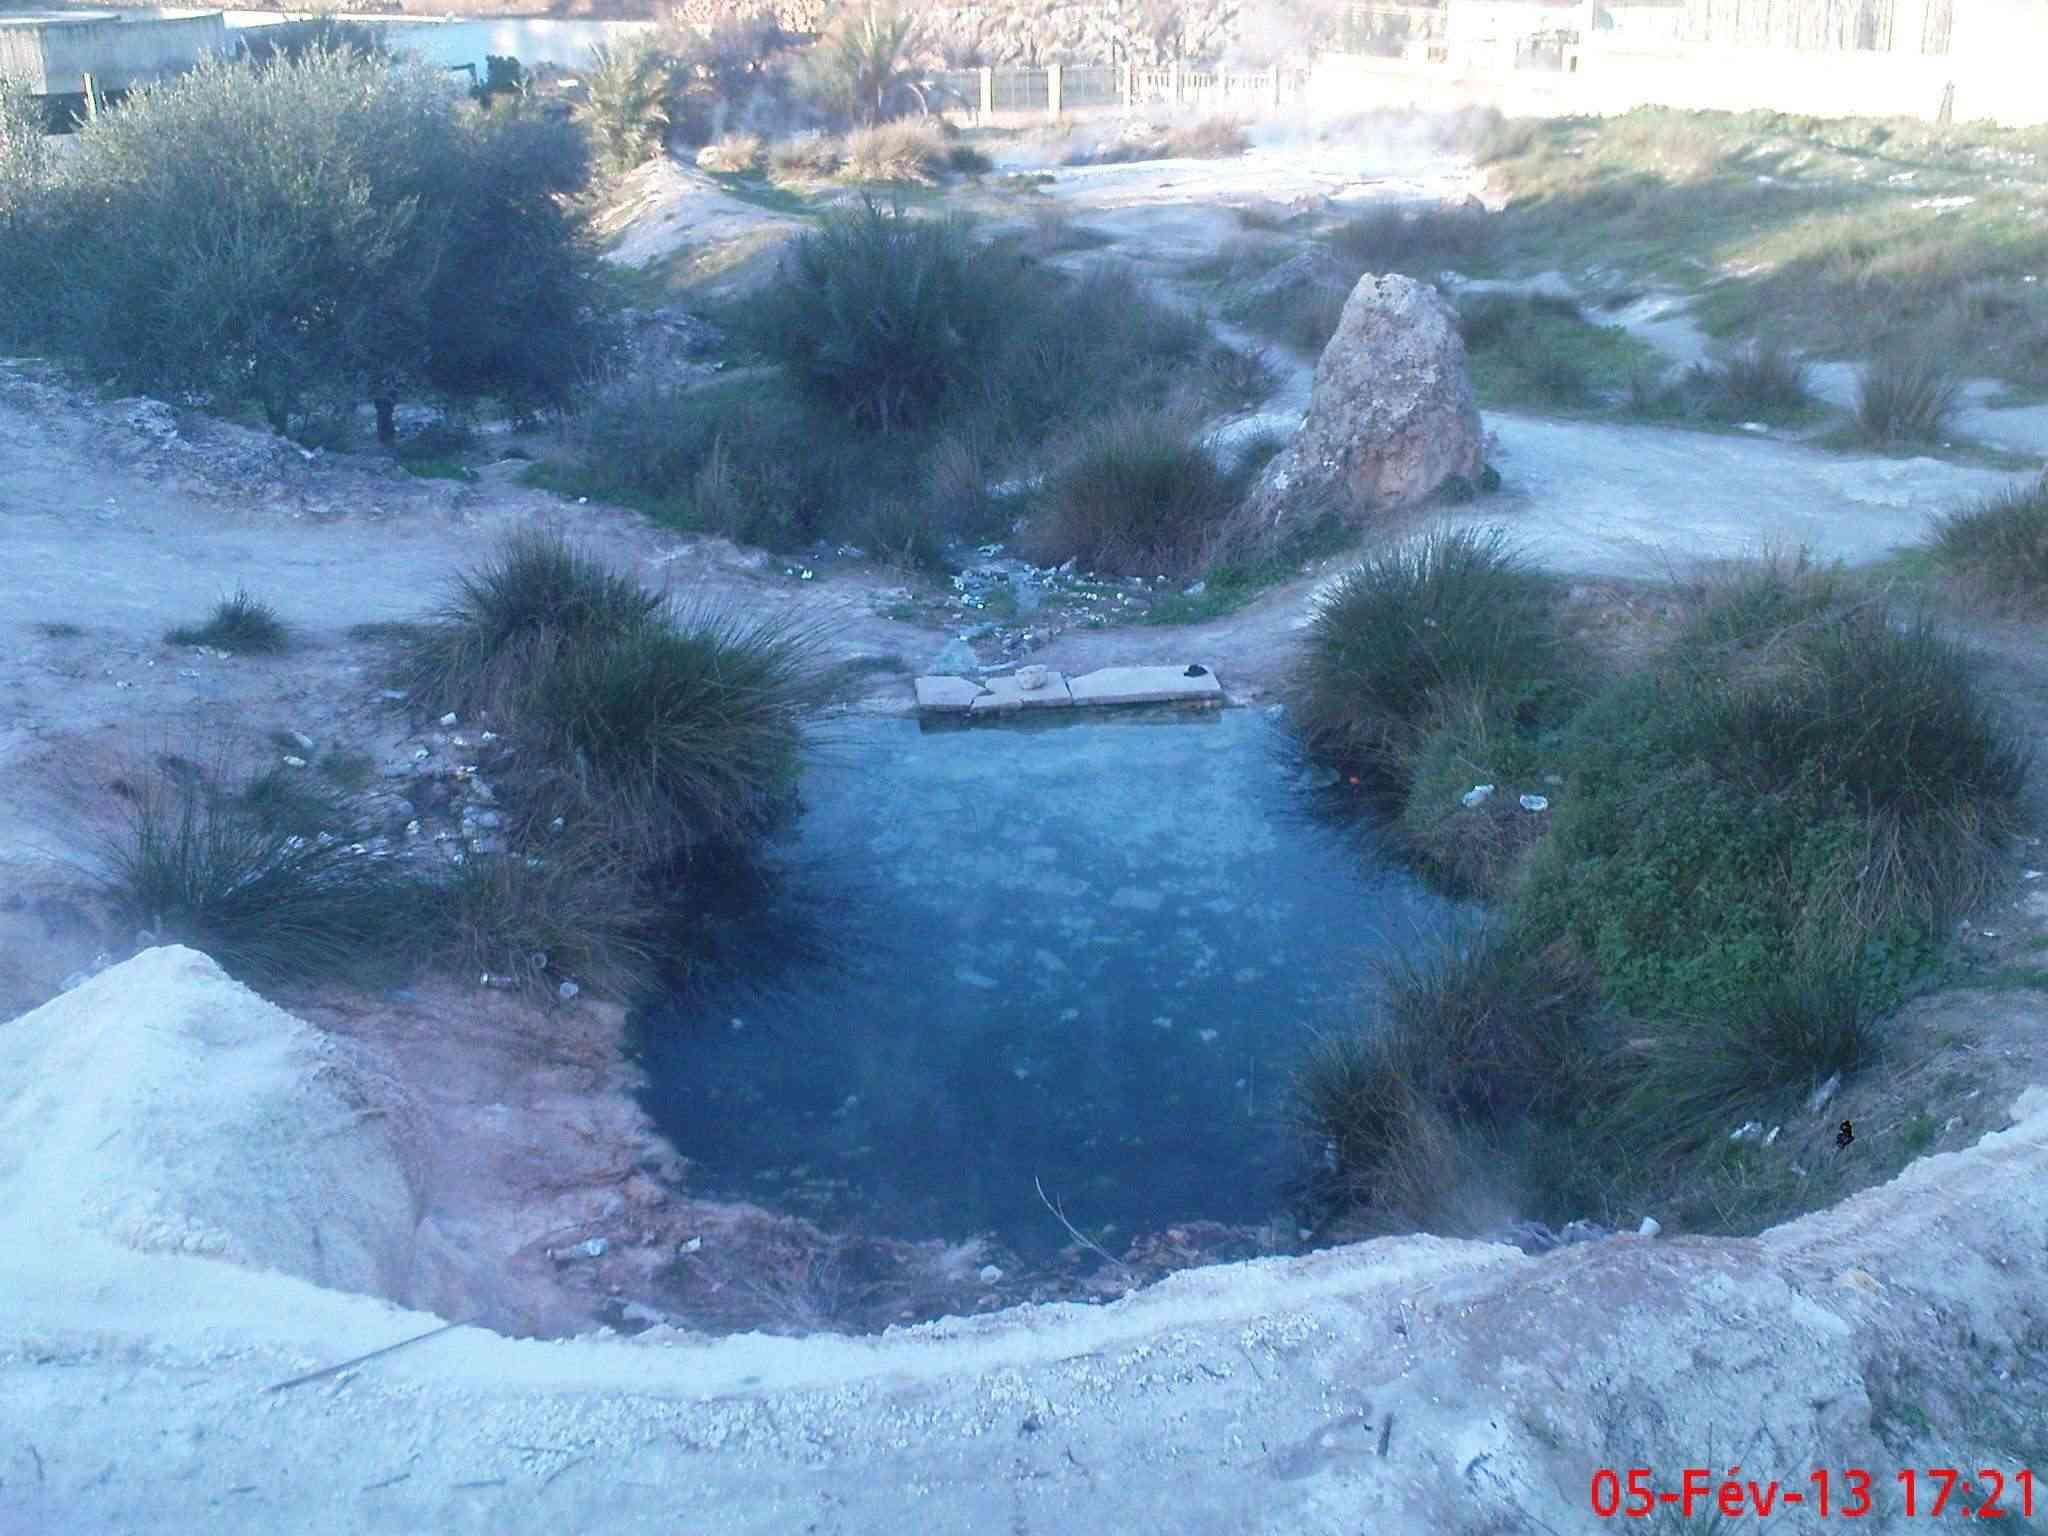 شاهد سحر وجمال الطبيعة في حمام المسخوطين Dsc02126